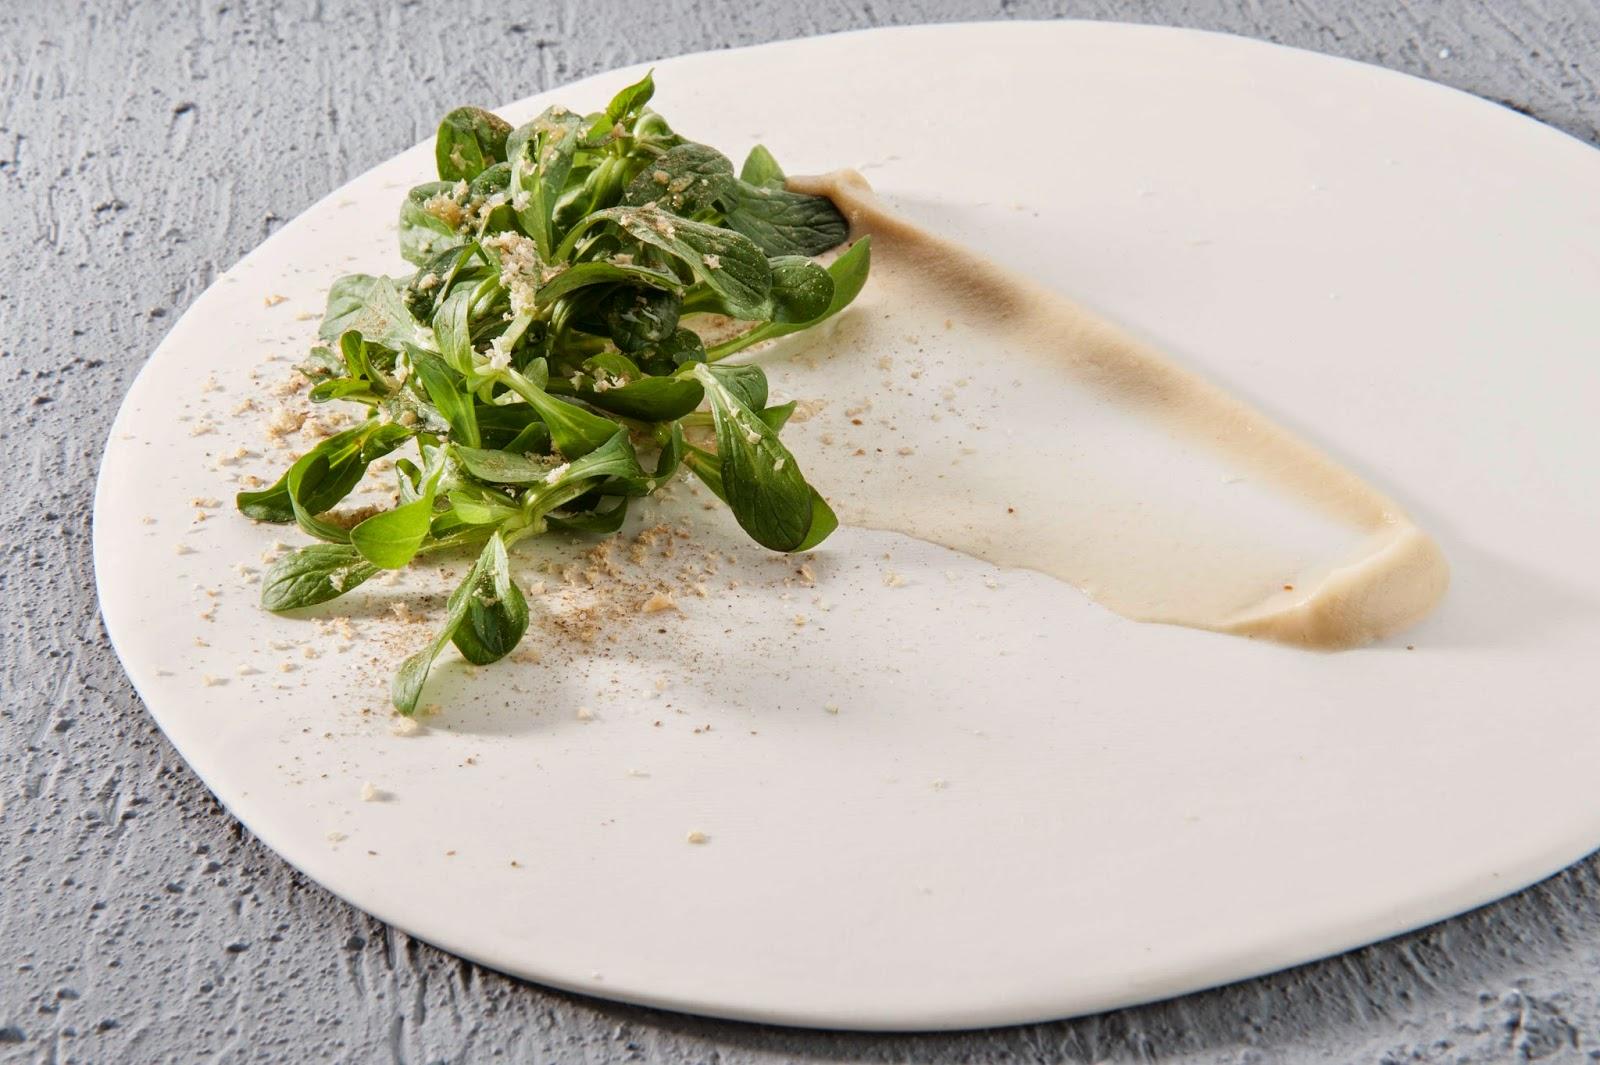 Insalata di valeriana, sedano rapa e nocciole delle Langhe- Antonia Klugmann